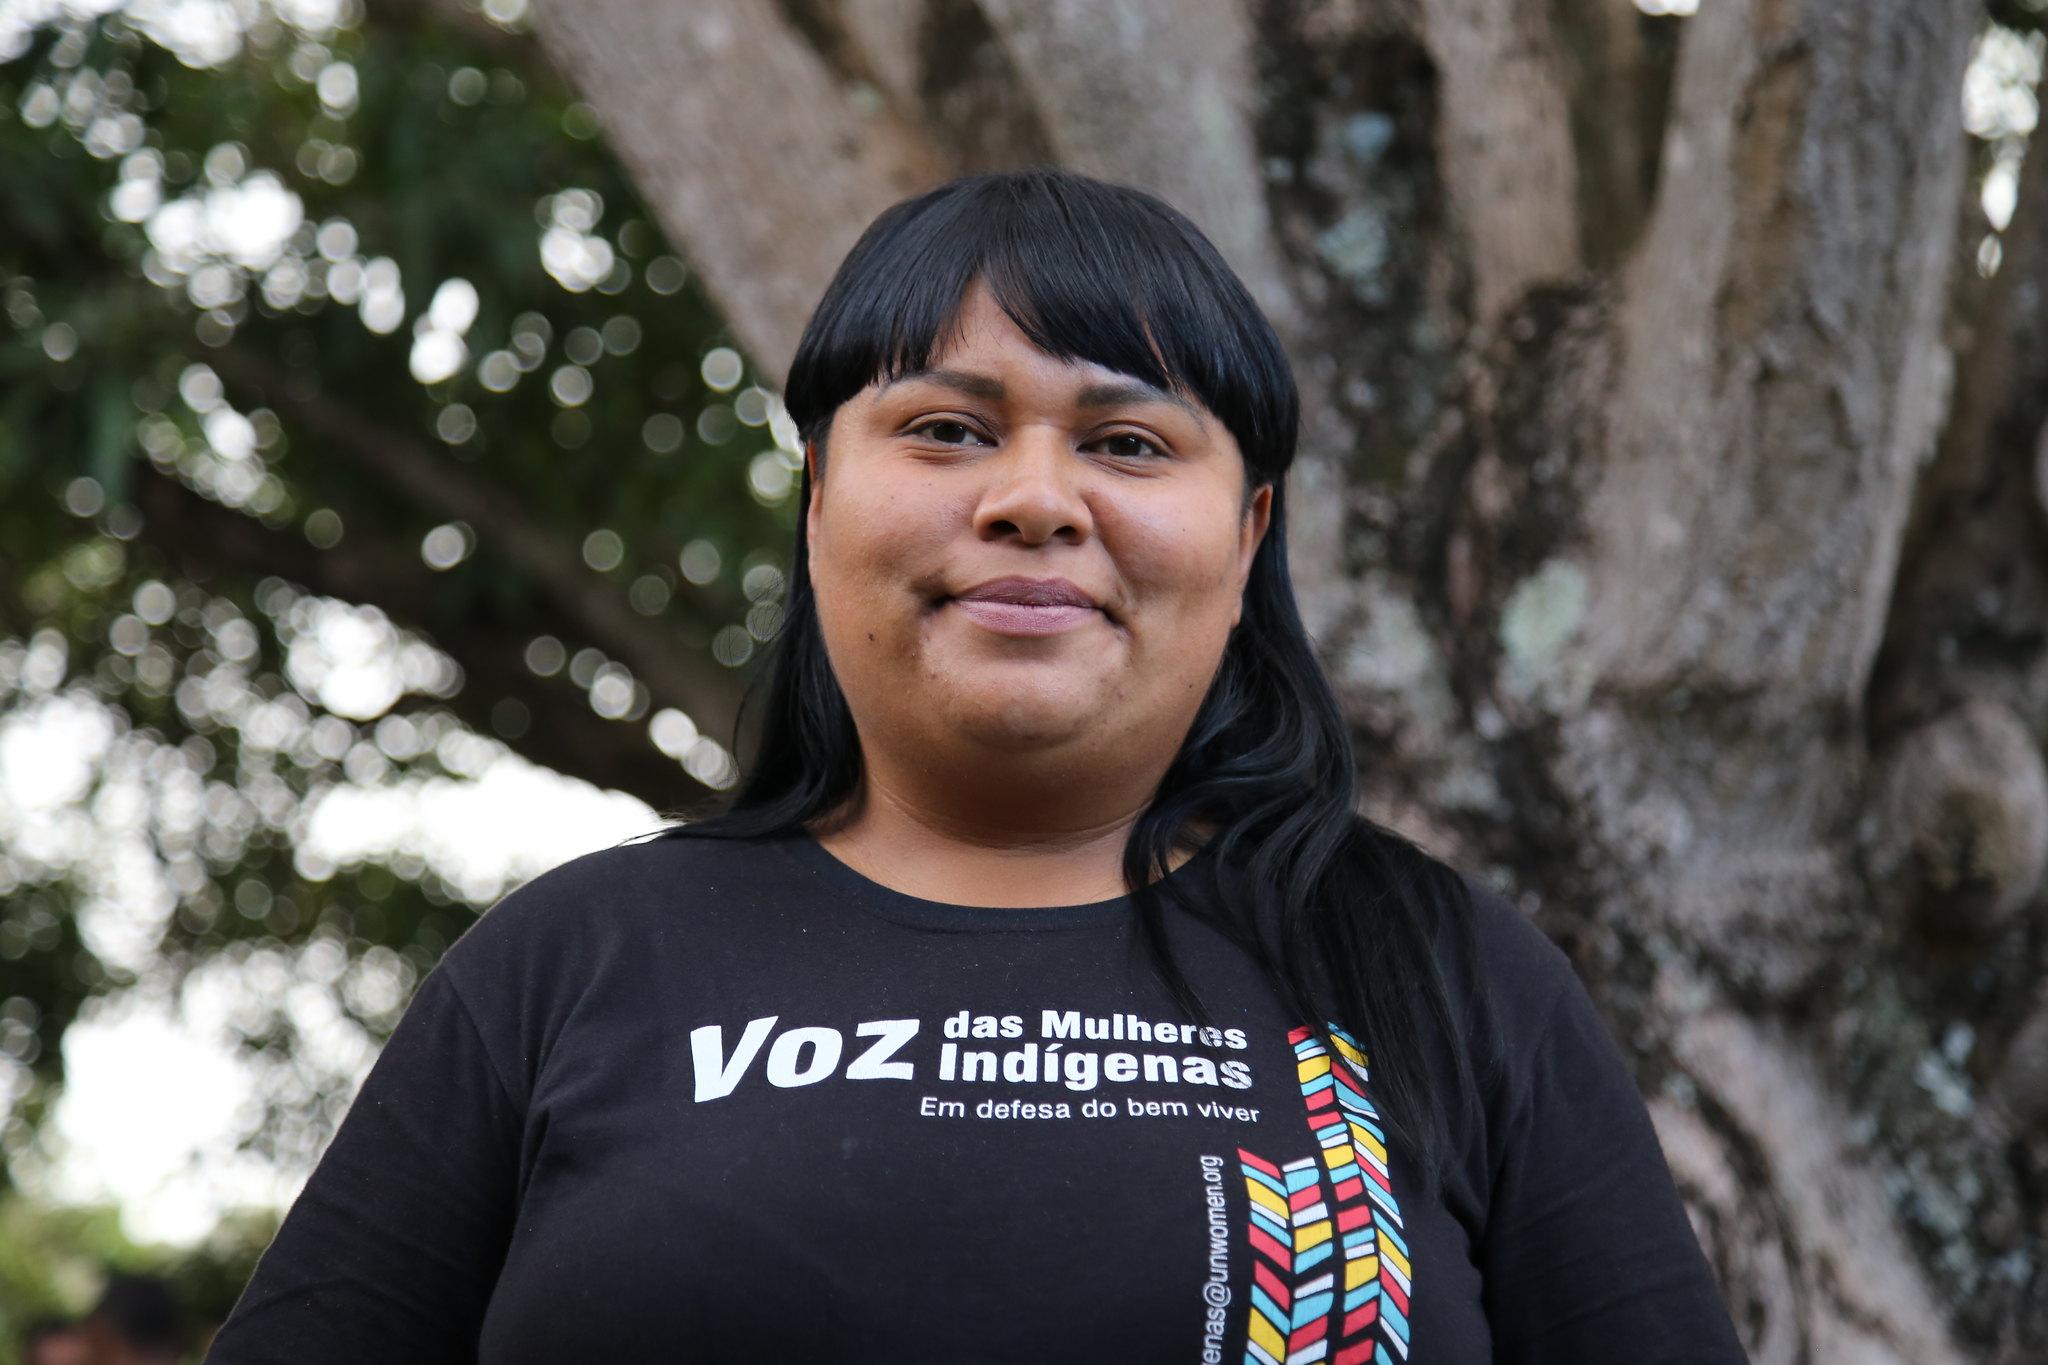 Mulheres indígenas avaliam situação de aldeias rurais e urbanas na prevenção à COVID-19 e acesso à saúde na pandemia